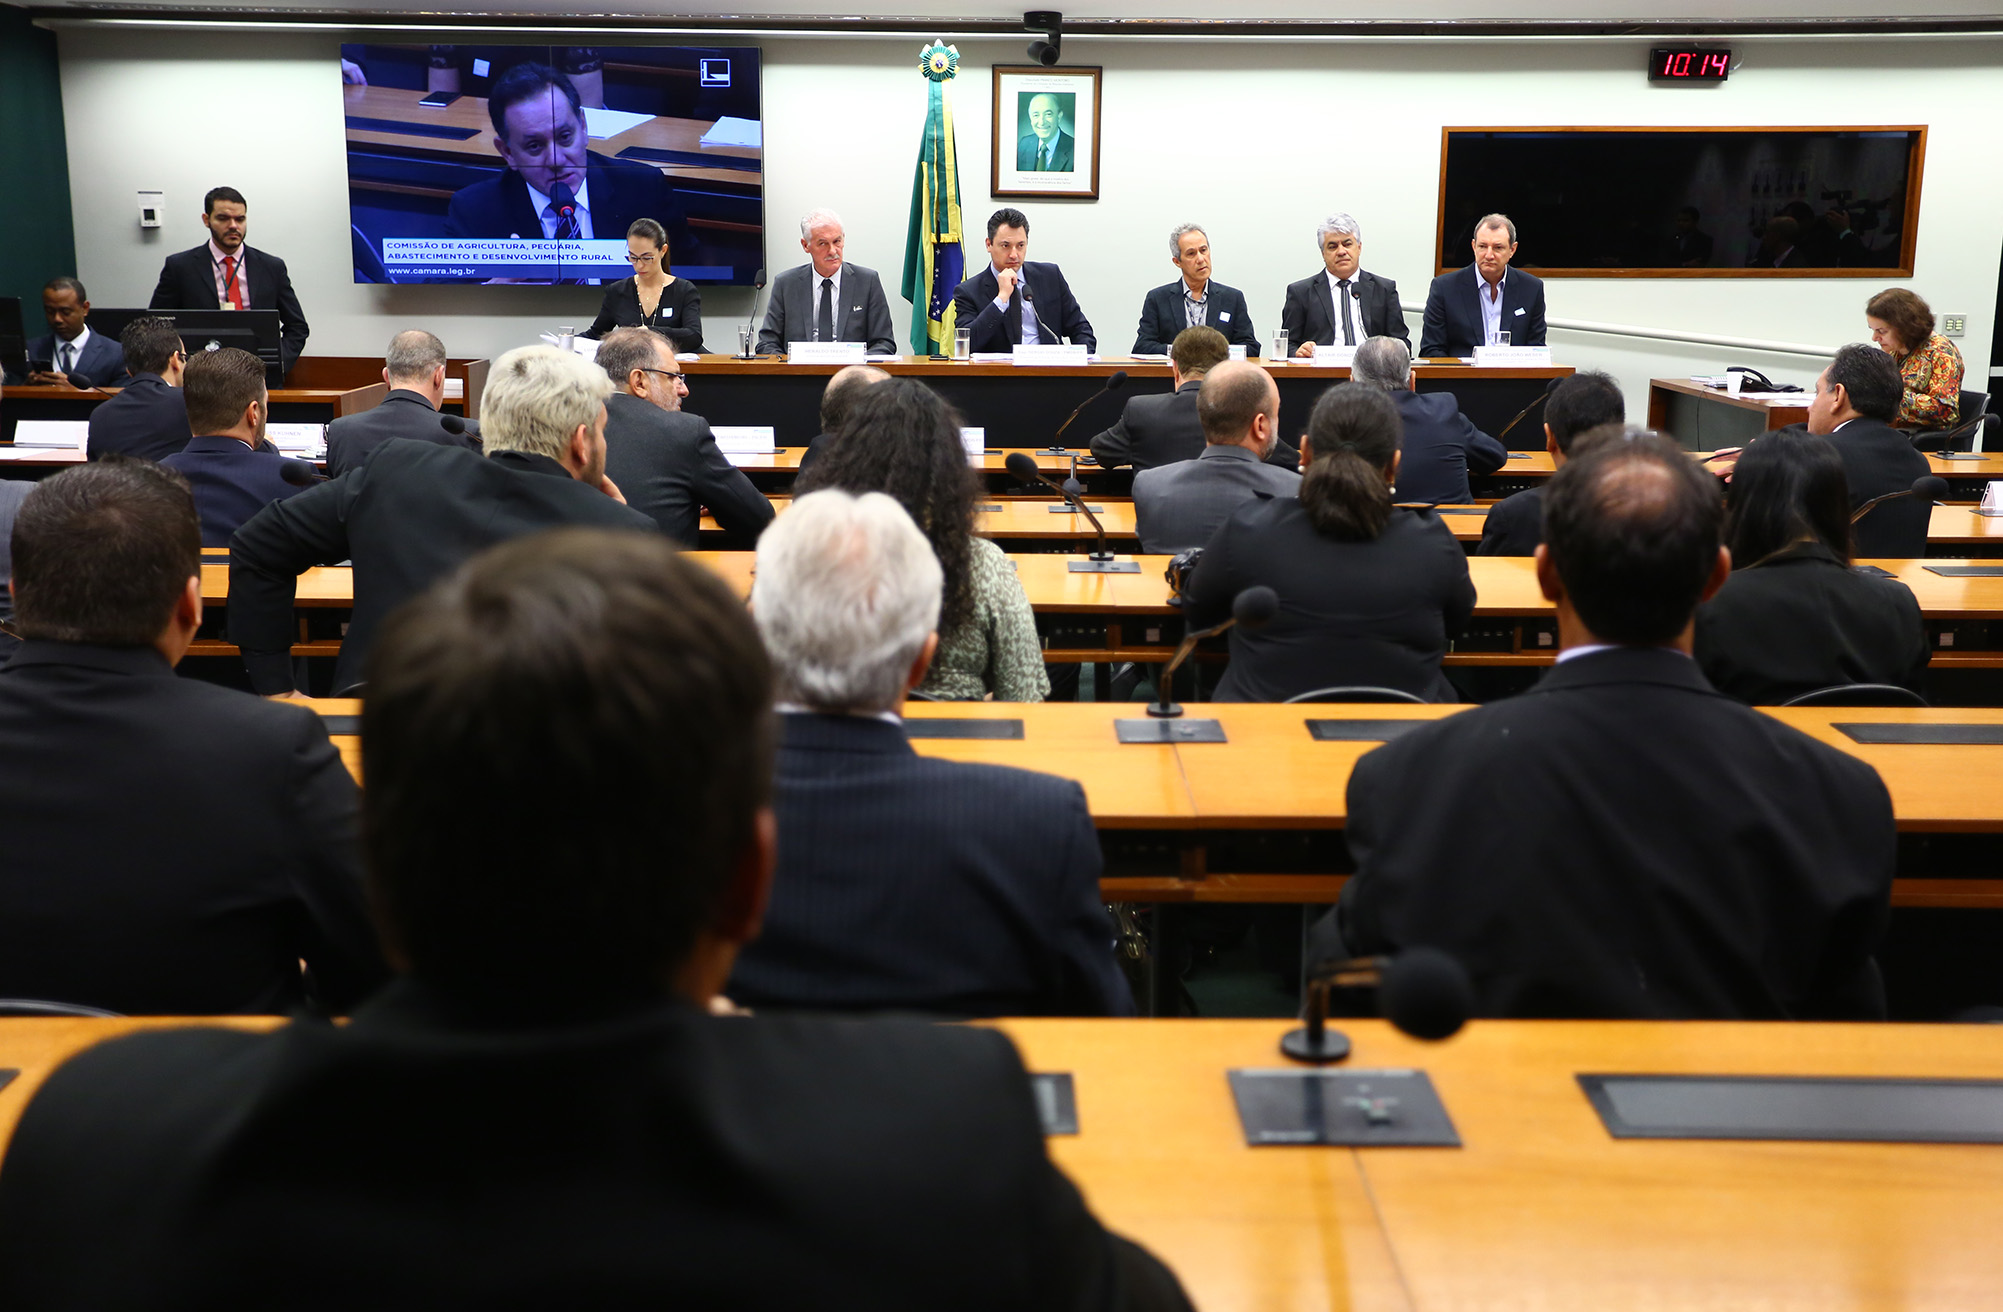 Audiência pública para debater a questão indígena nos Estados do Paraná e do Mato Grosso do Sul